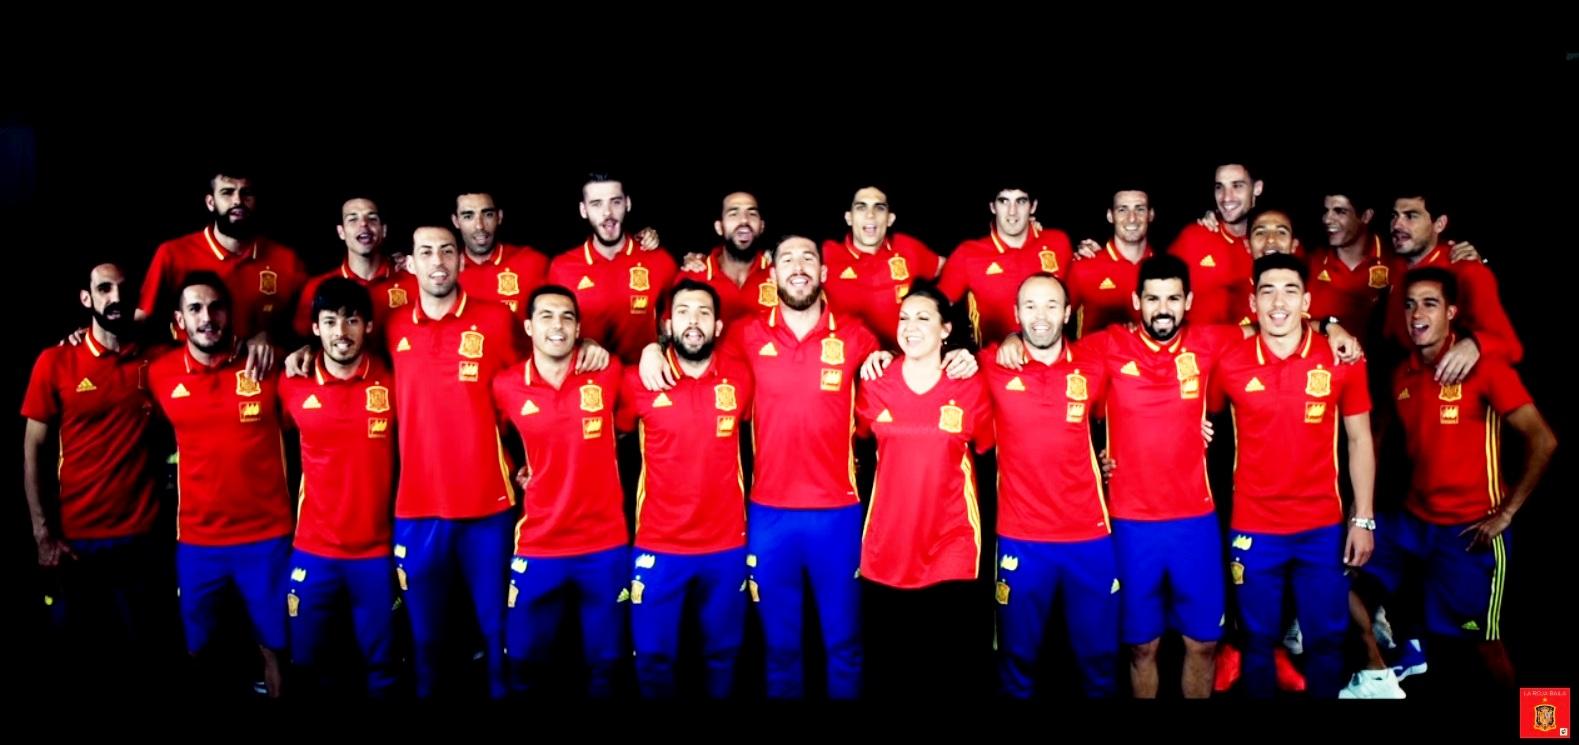 La Roja Baila (Himno Oficial de la Selección Española. Eurocopa'16)